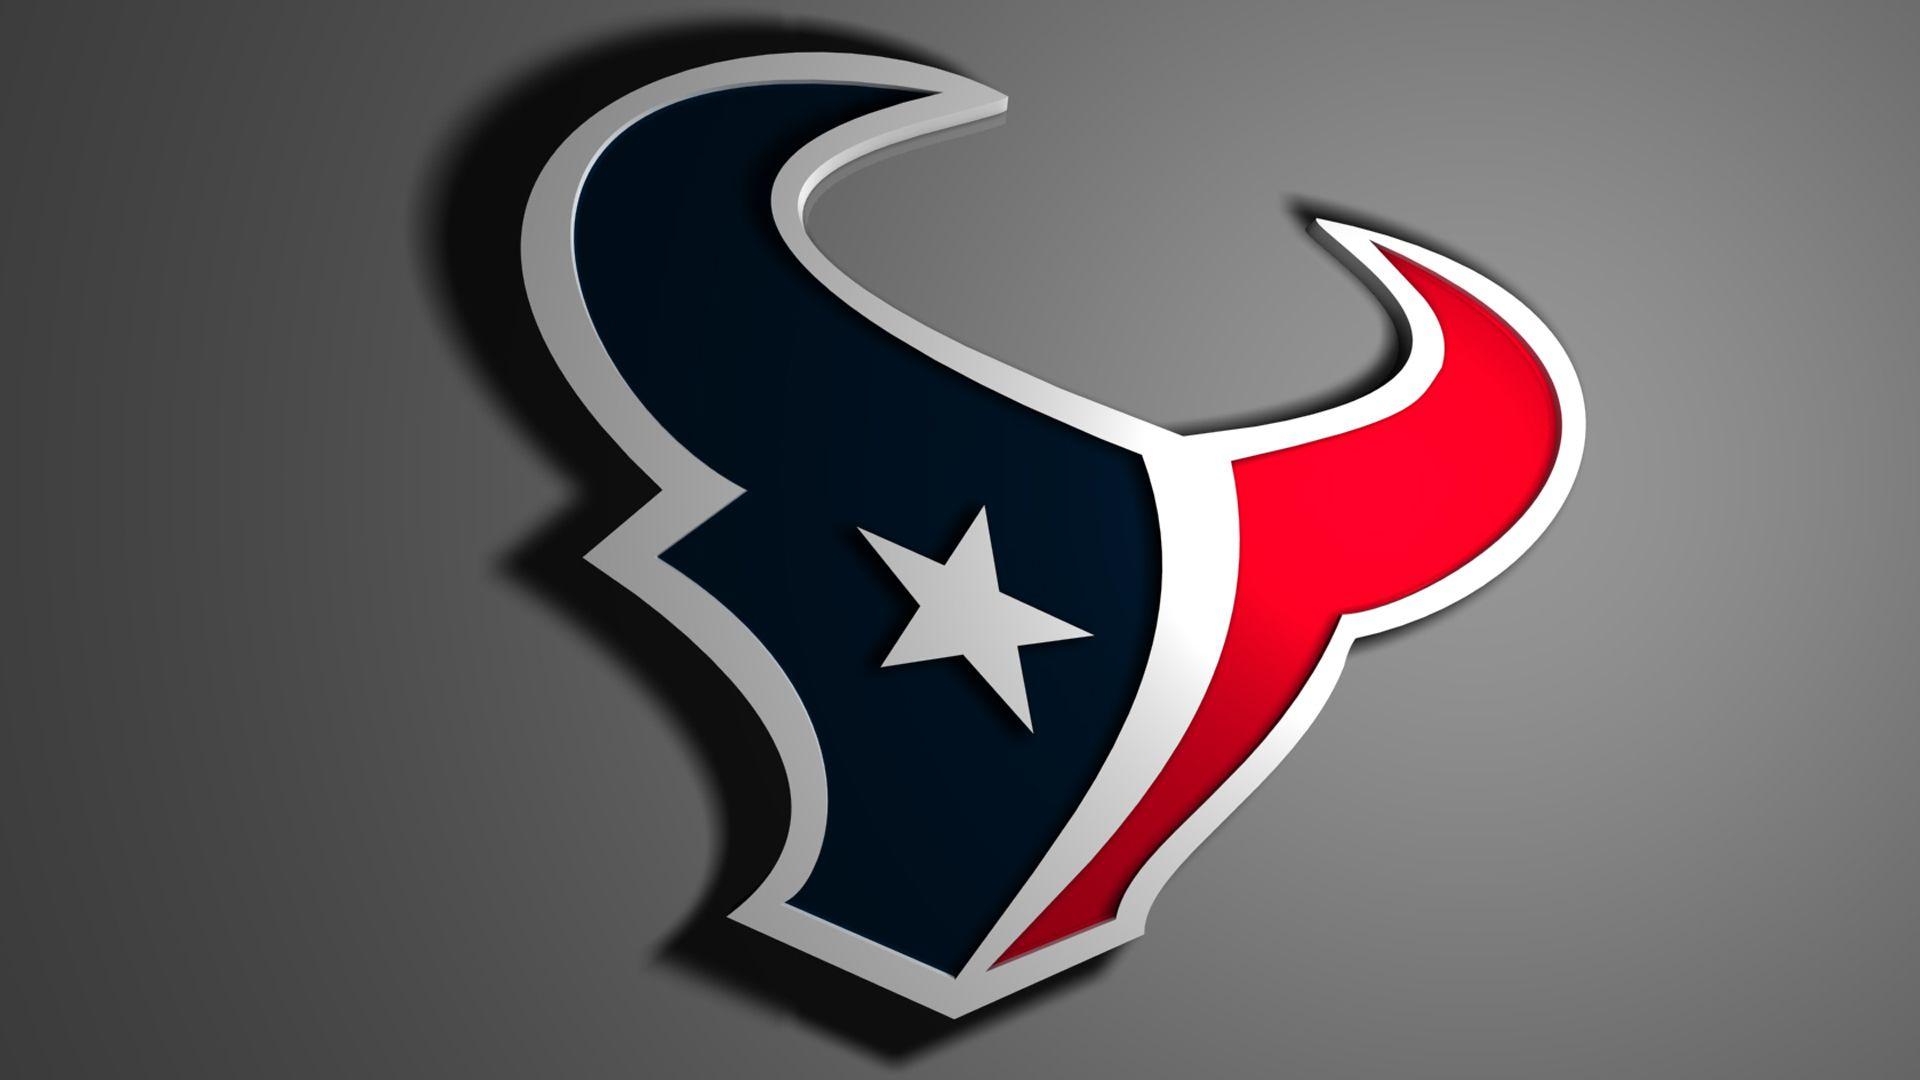 Houston Texans wallpaper free